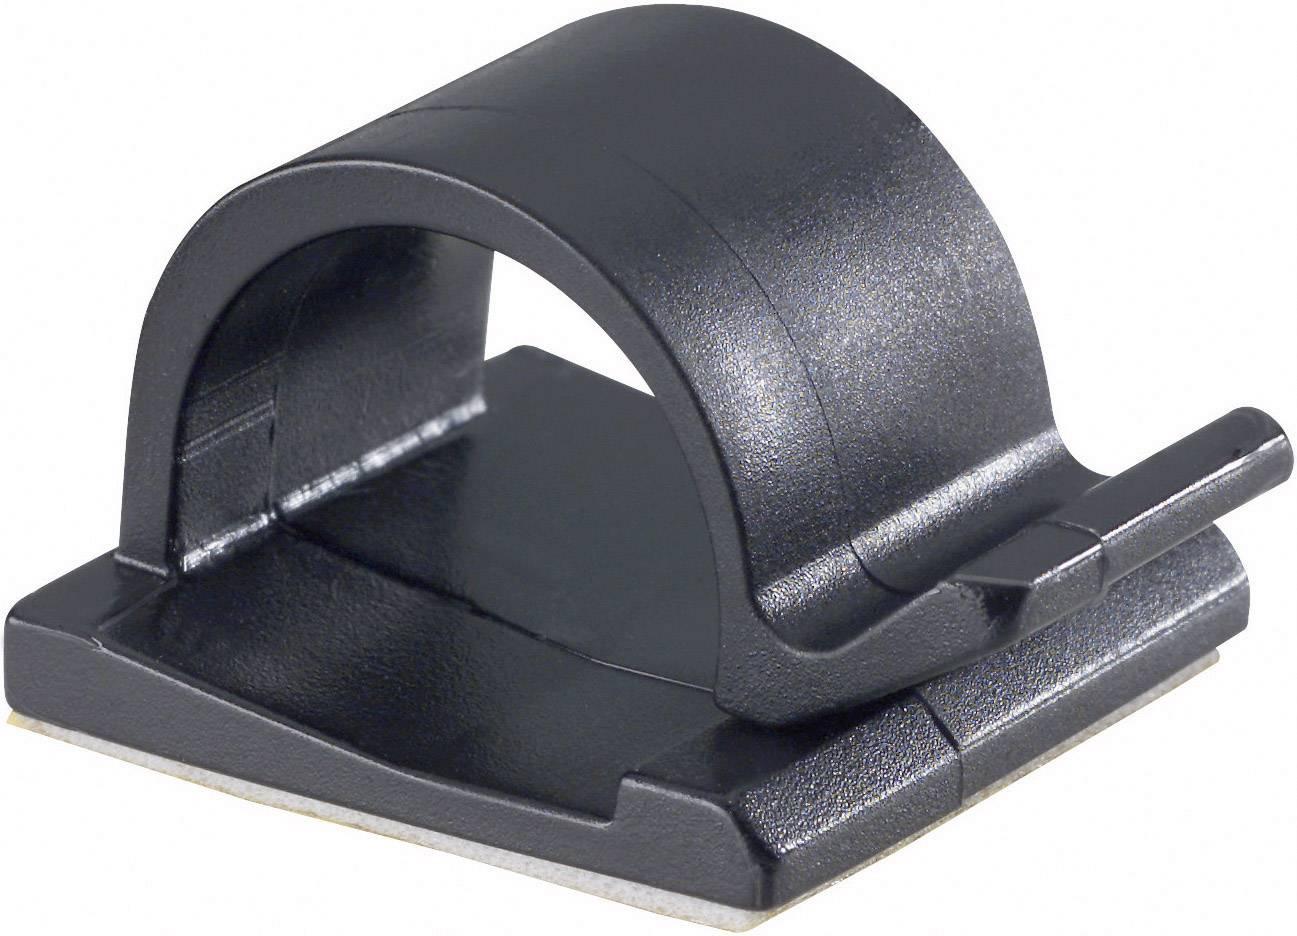 Spona na uchytenie káblu/ov PB Fastener 5439-SW 5439-SW, 15 mm (max), čierna, 1 ks